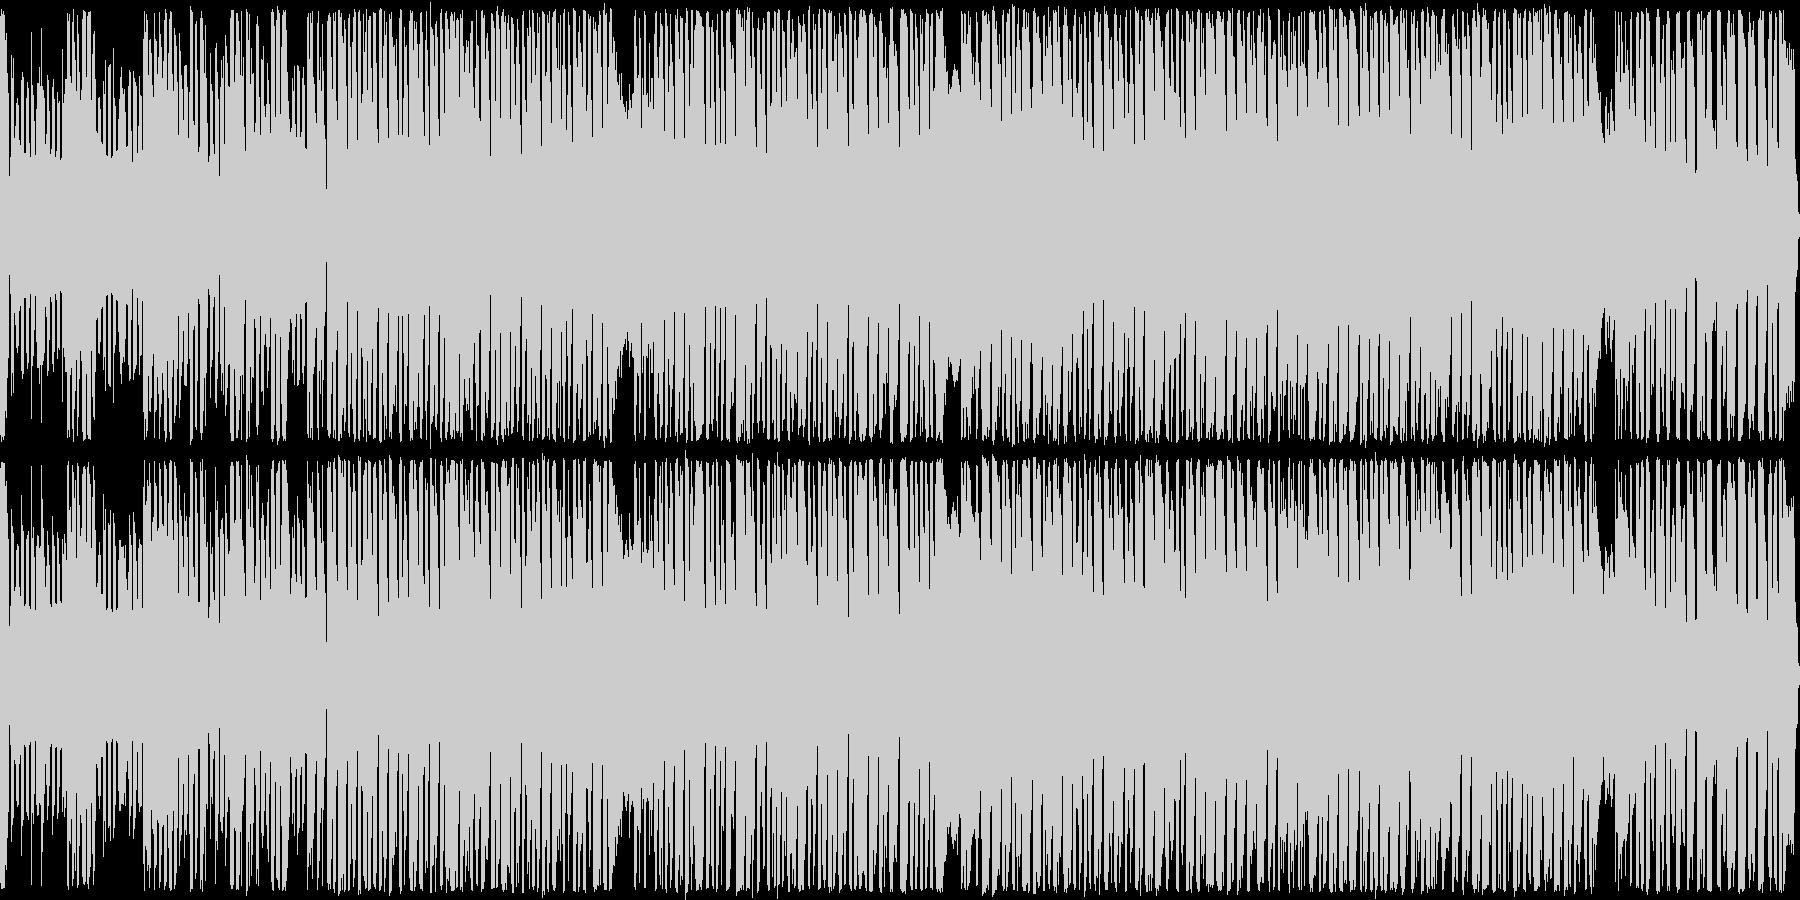 ハイテンポでノリノリのテクノポップの未再生の波形